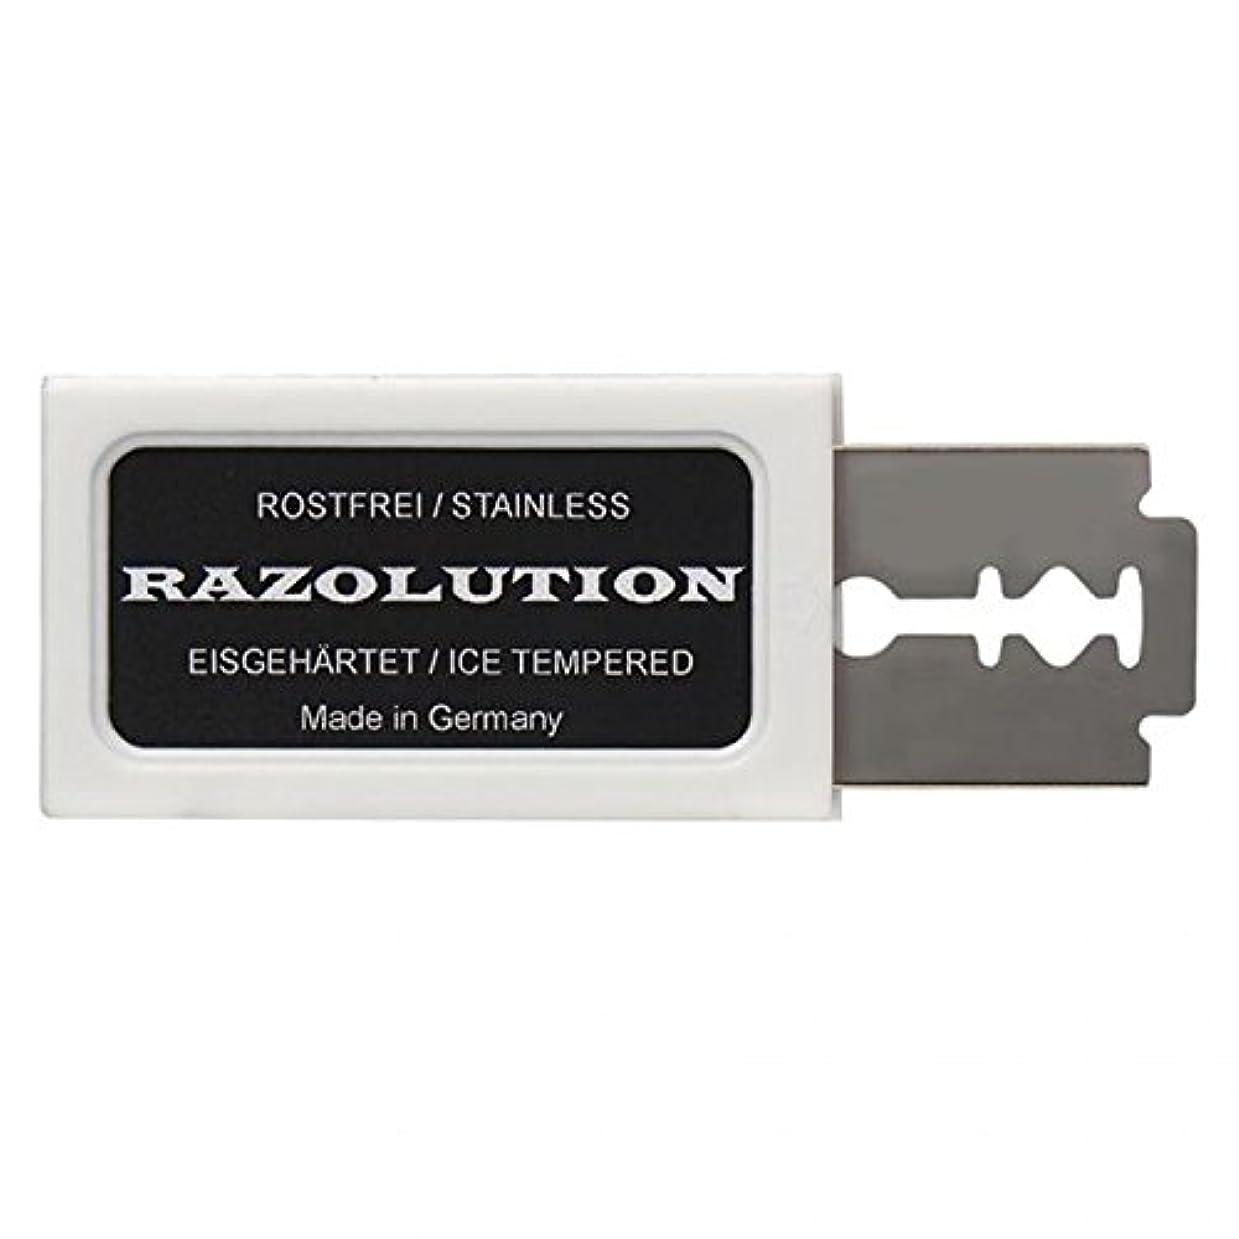 改善論理口述するRAZOLUTION Razor blades, 10 pieces, Made in Germany